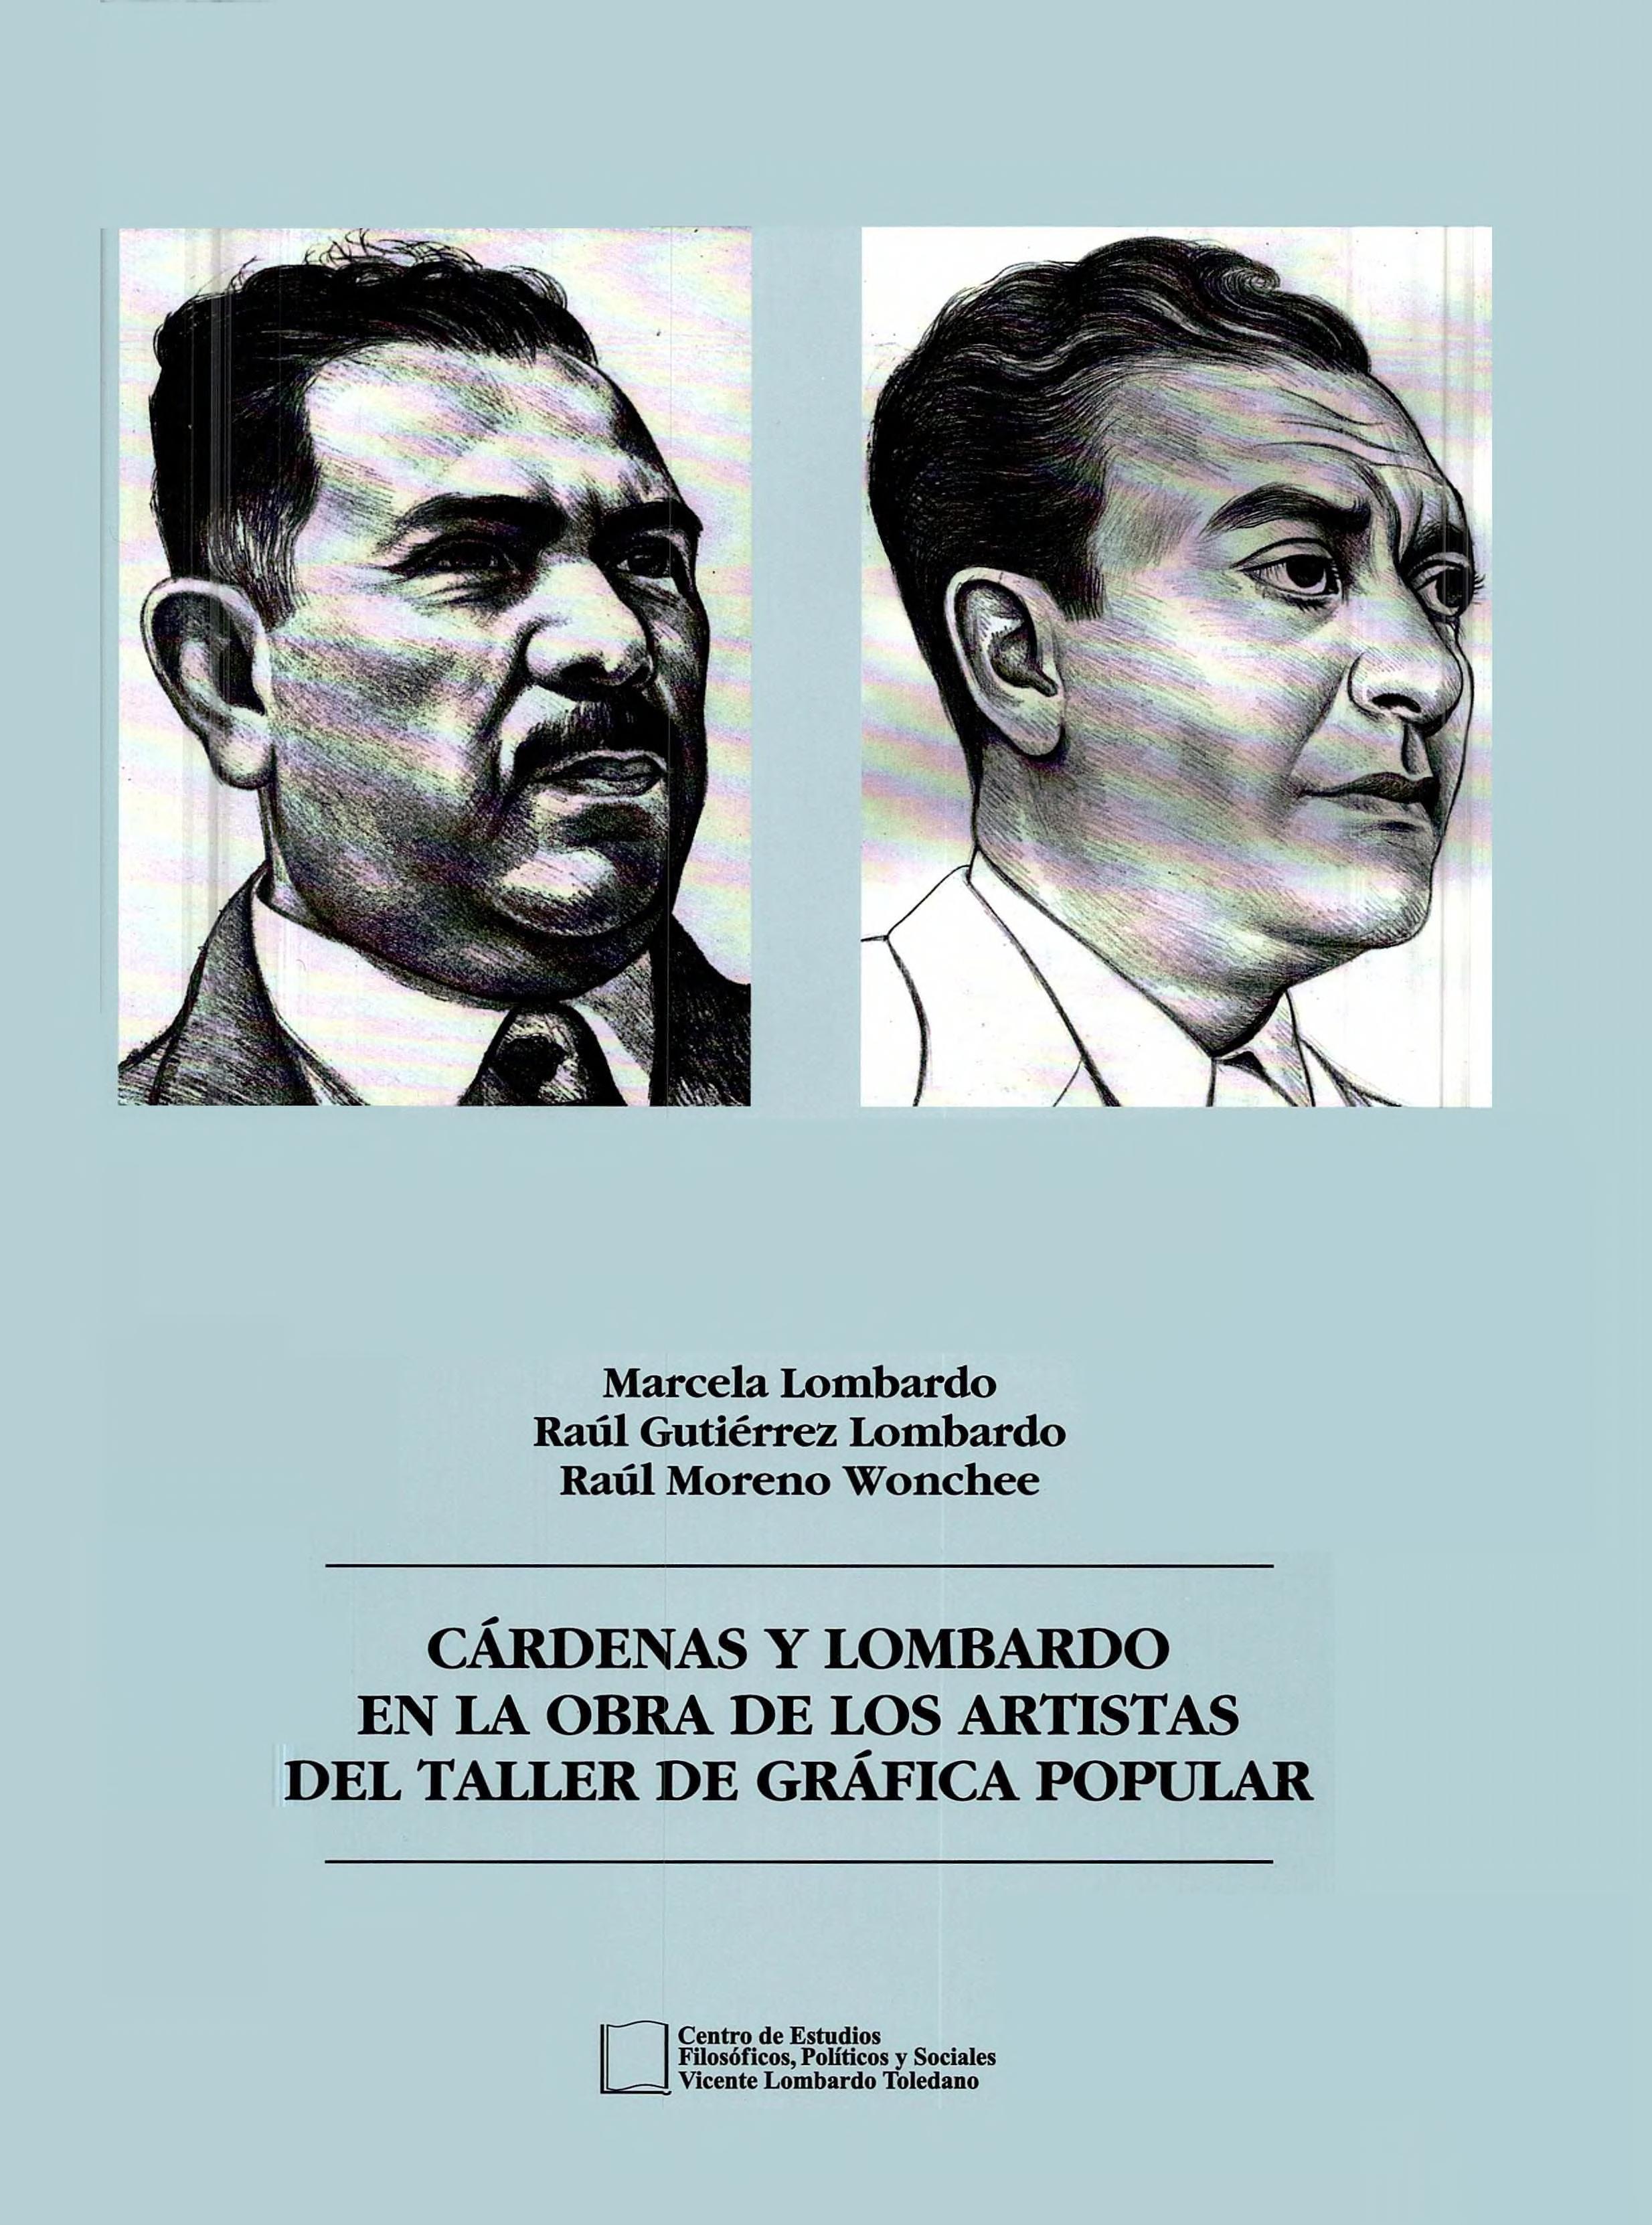 Portada del libro: Cárdenas y Lombardo en la obra de los artistas del taller de gráfica popular